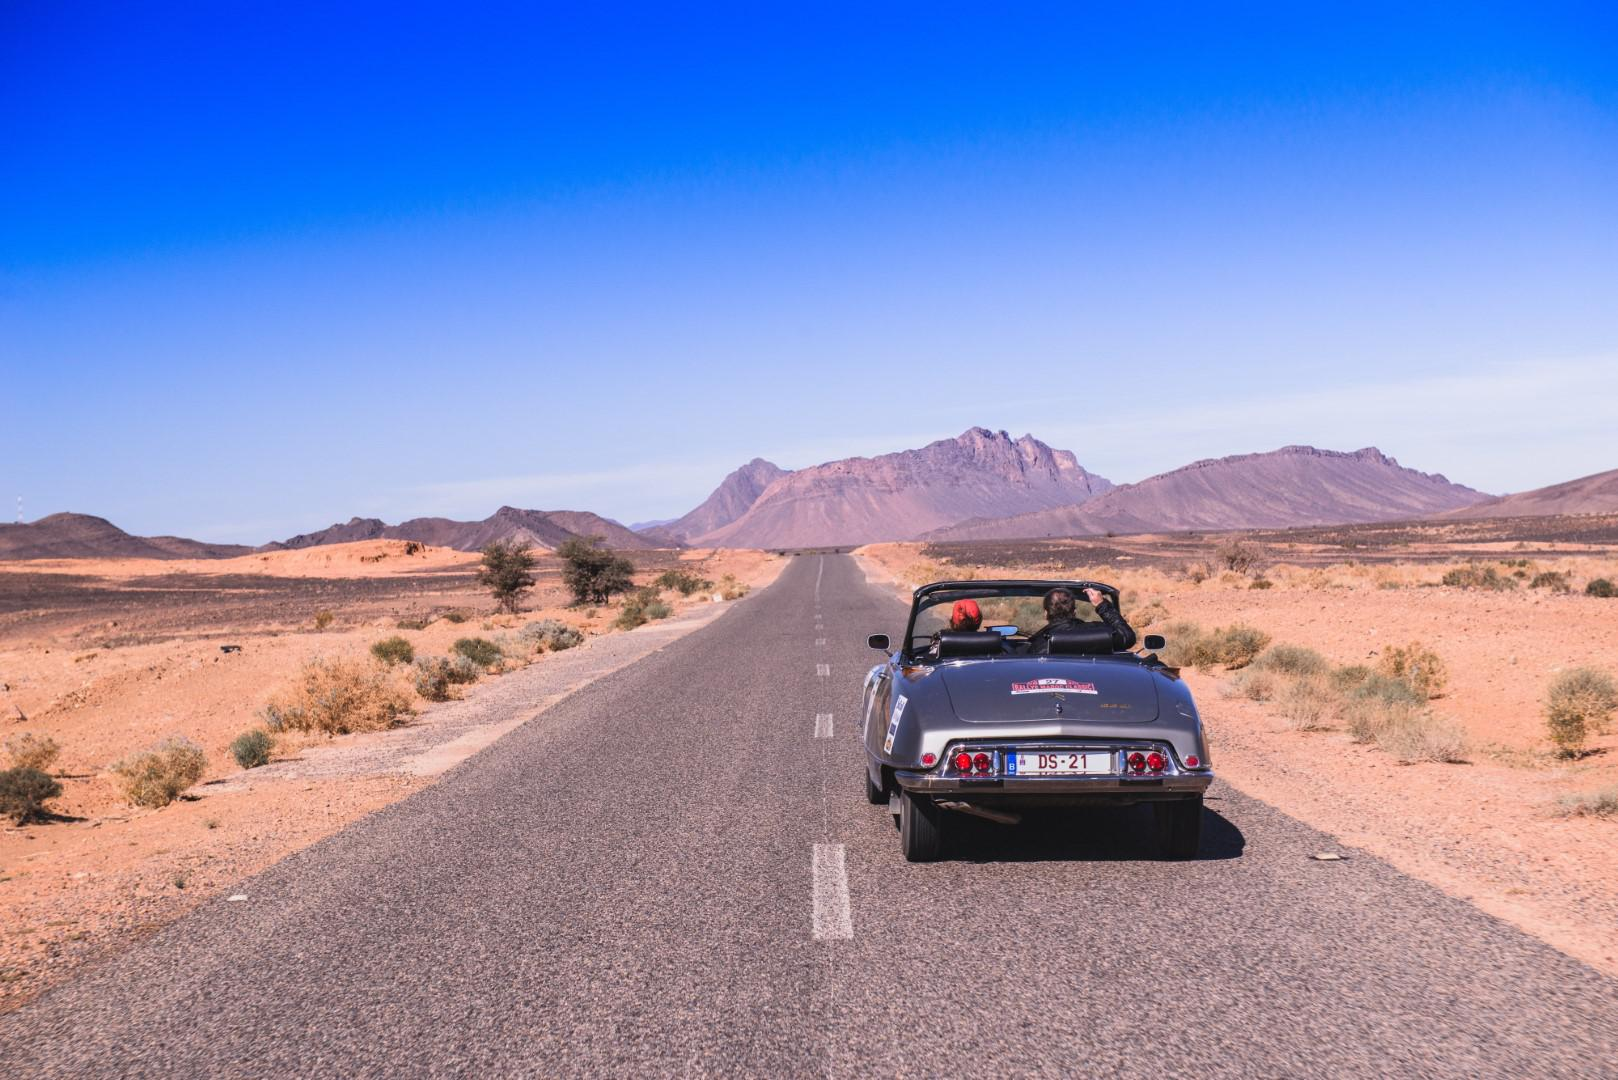 victoire-marocaine-pour-le-25eme-anniversaire-du-rallye-maroc-classic-680-2.jpg